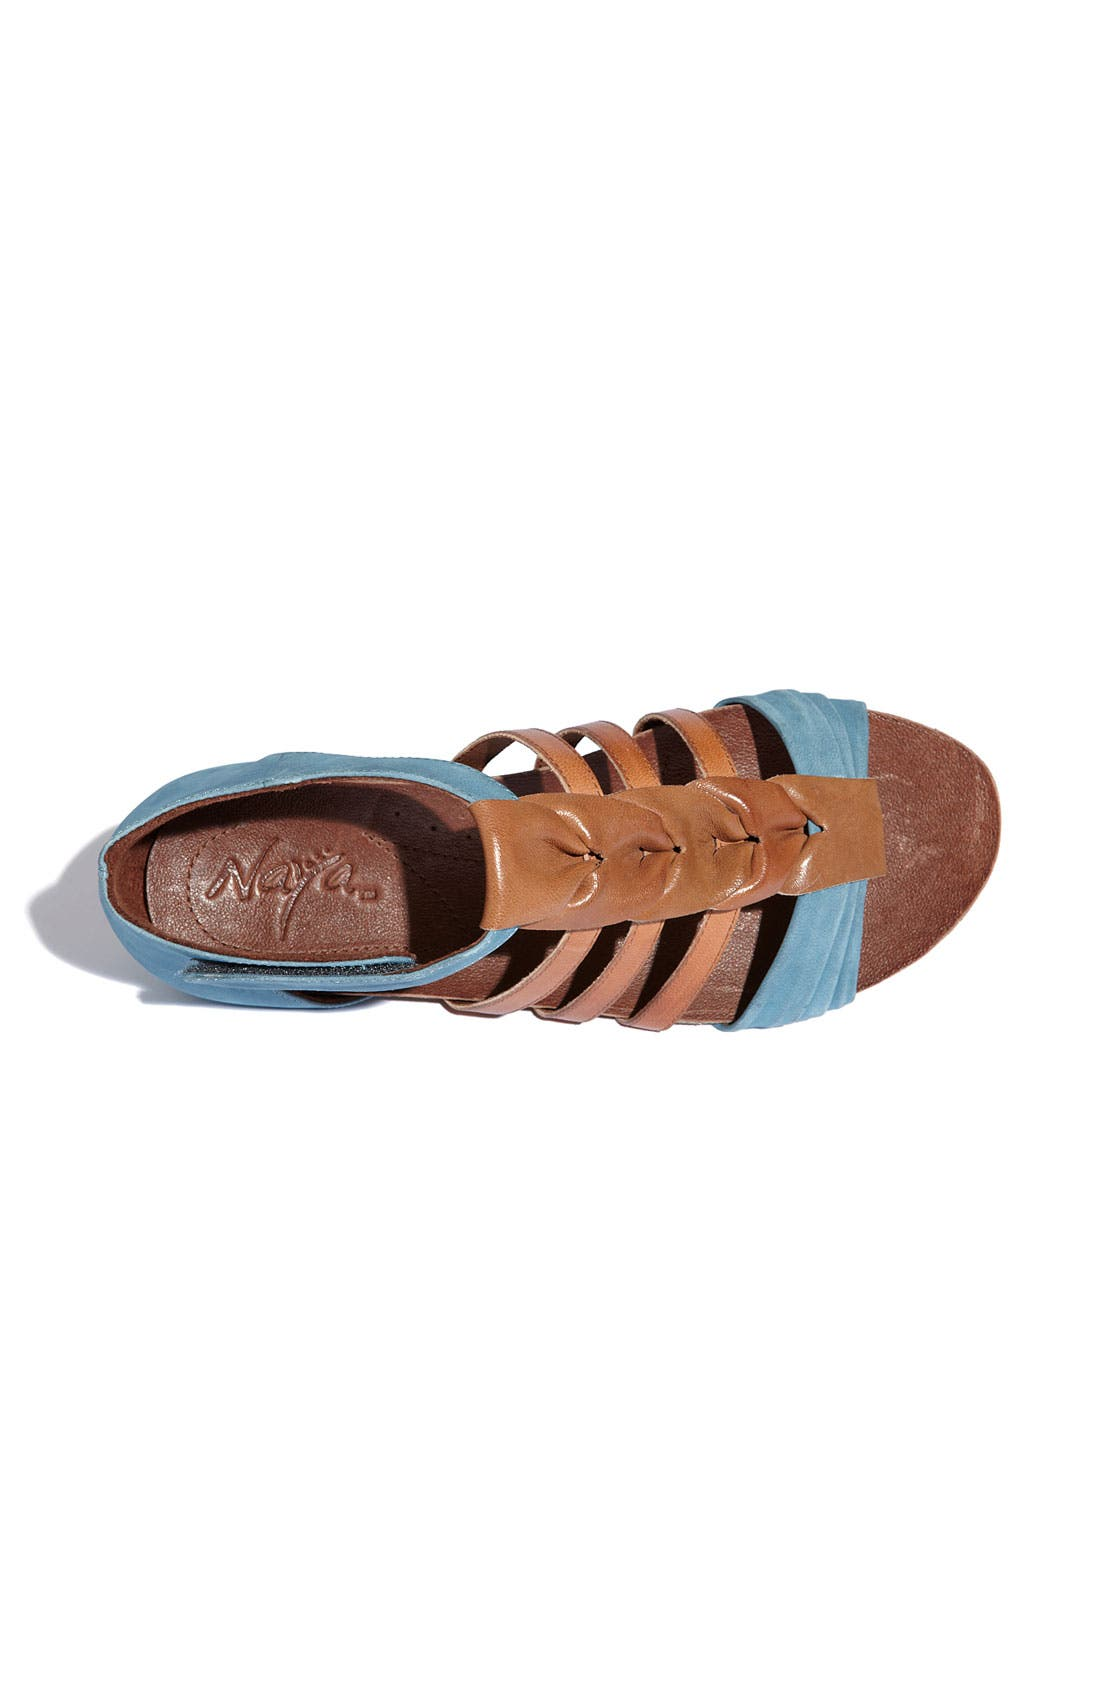 Alternate Image 3  - Naya 'Palomi' Sandal